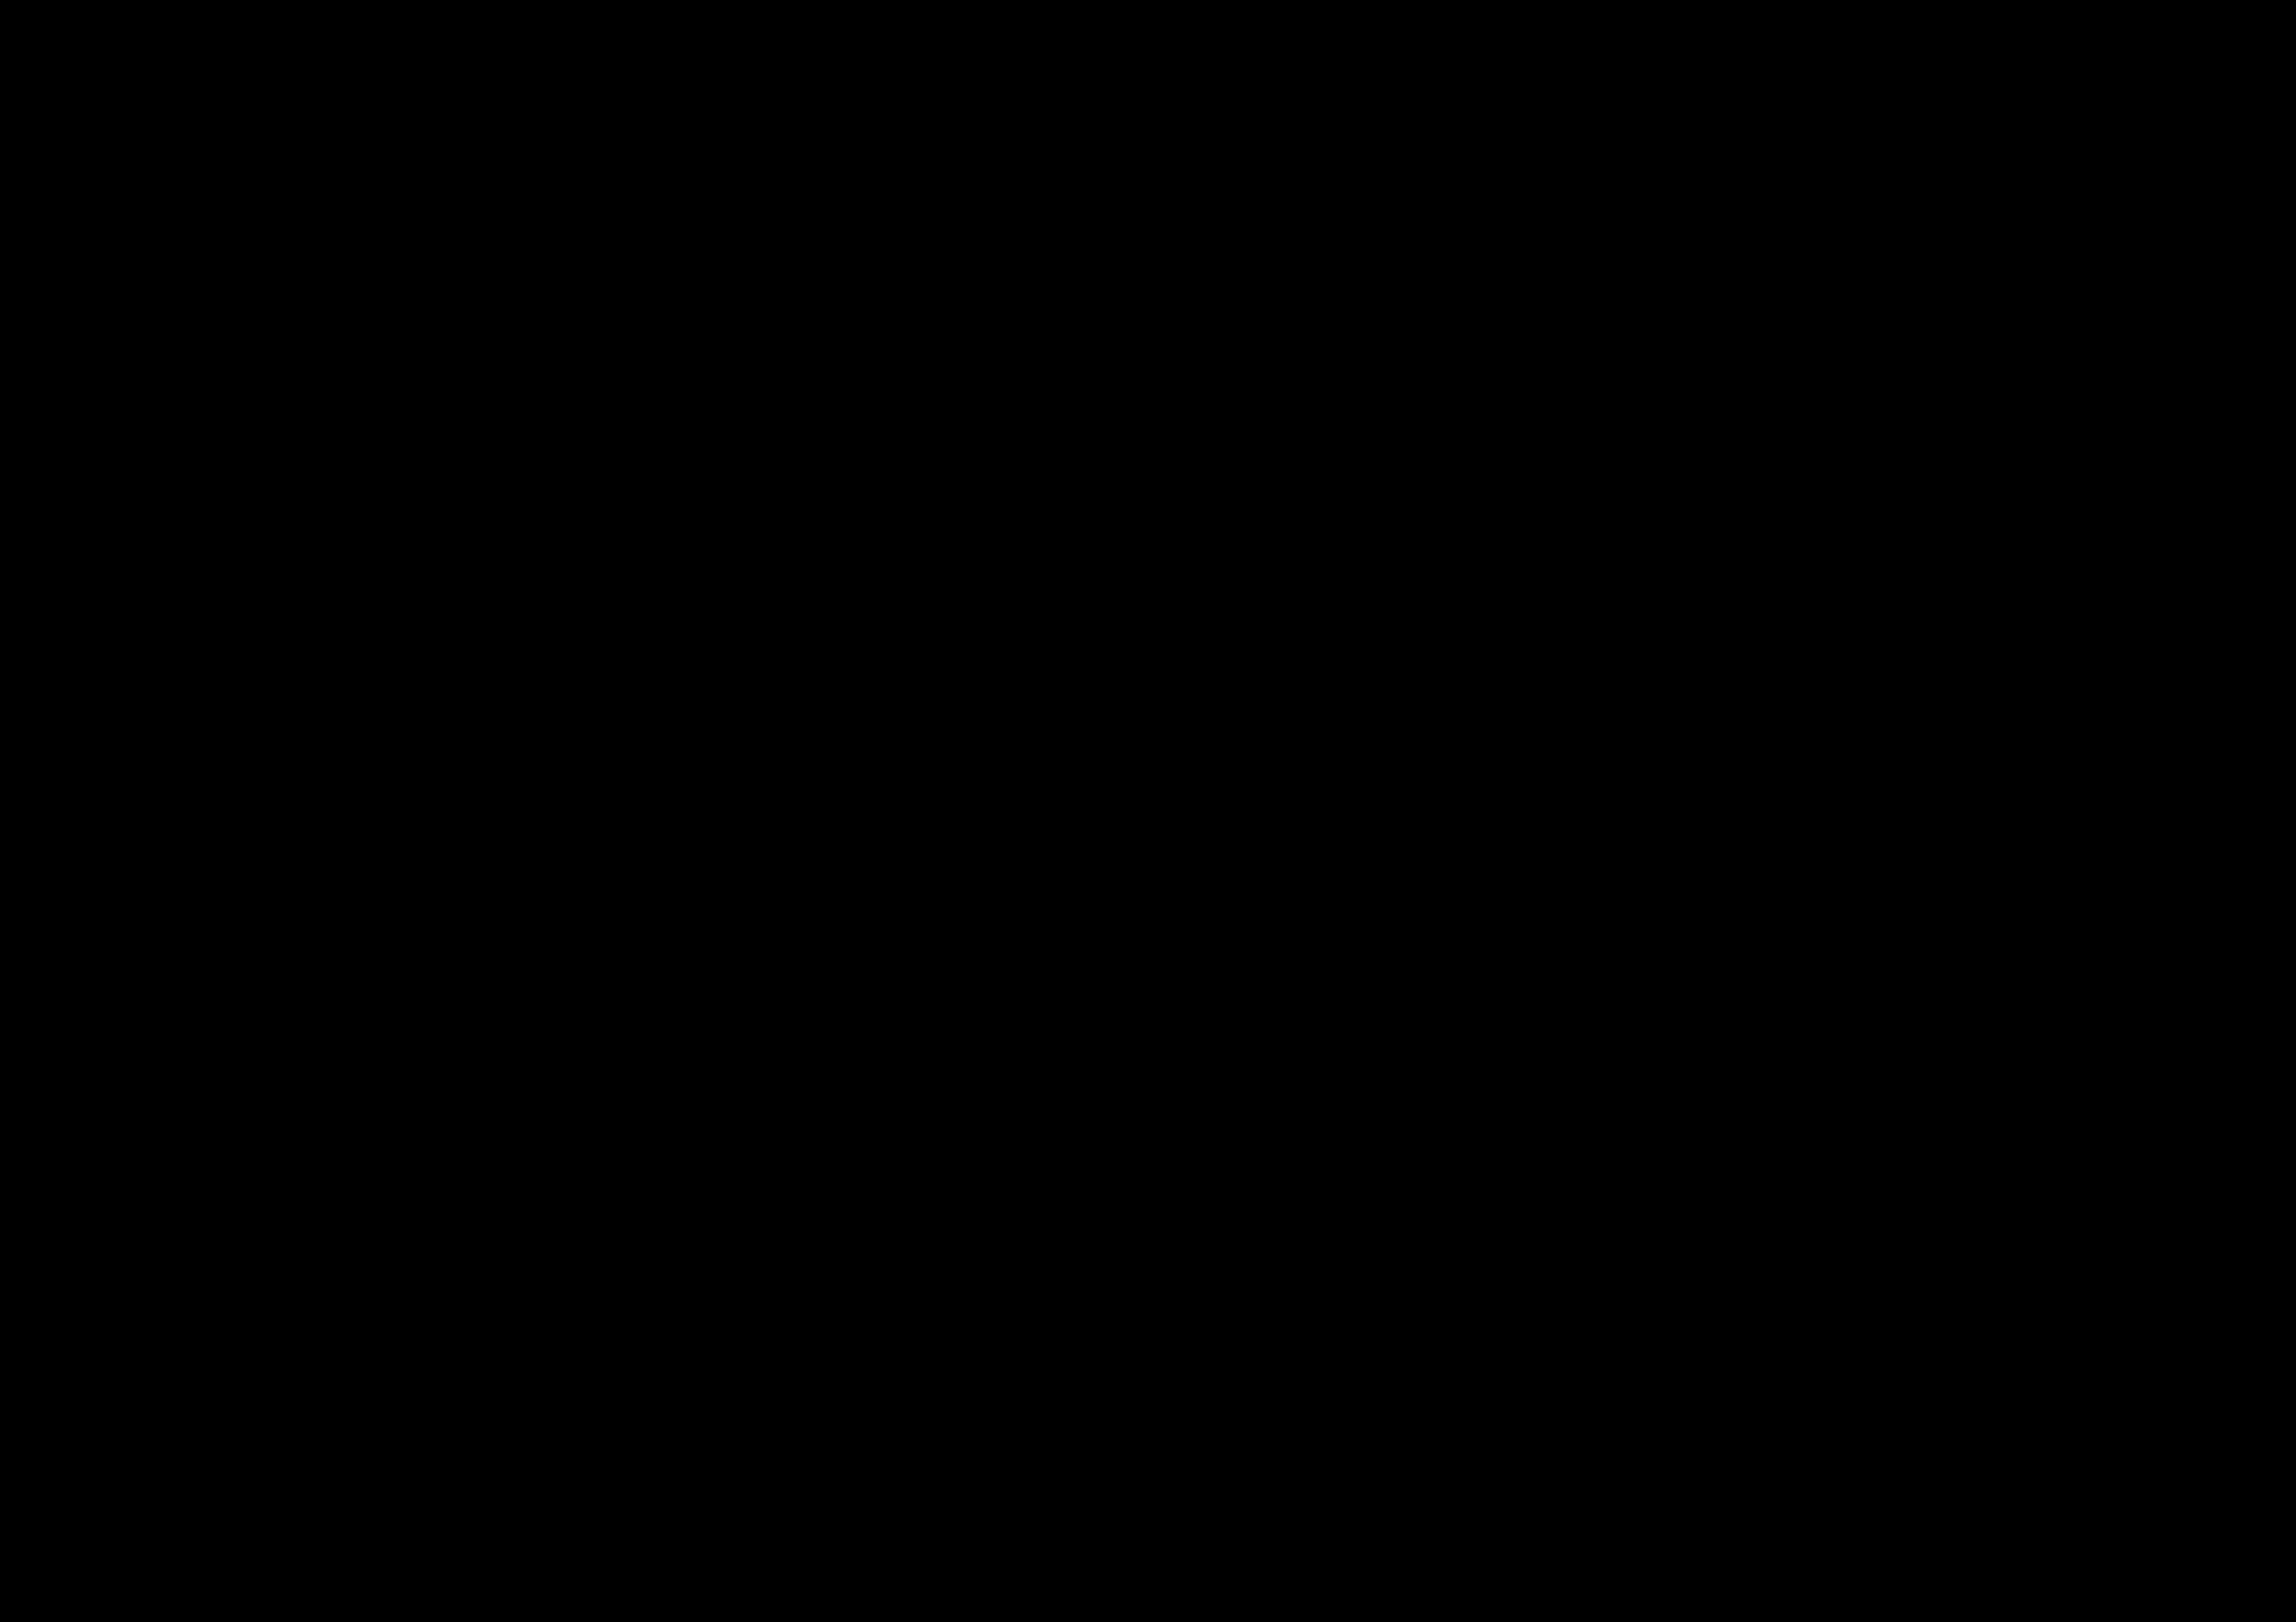 Notre portée en Afrique de l'Ouest en 2018-2019